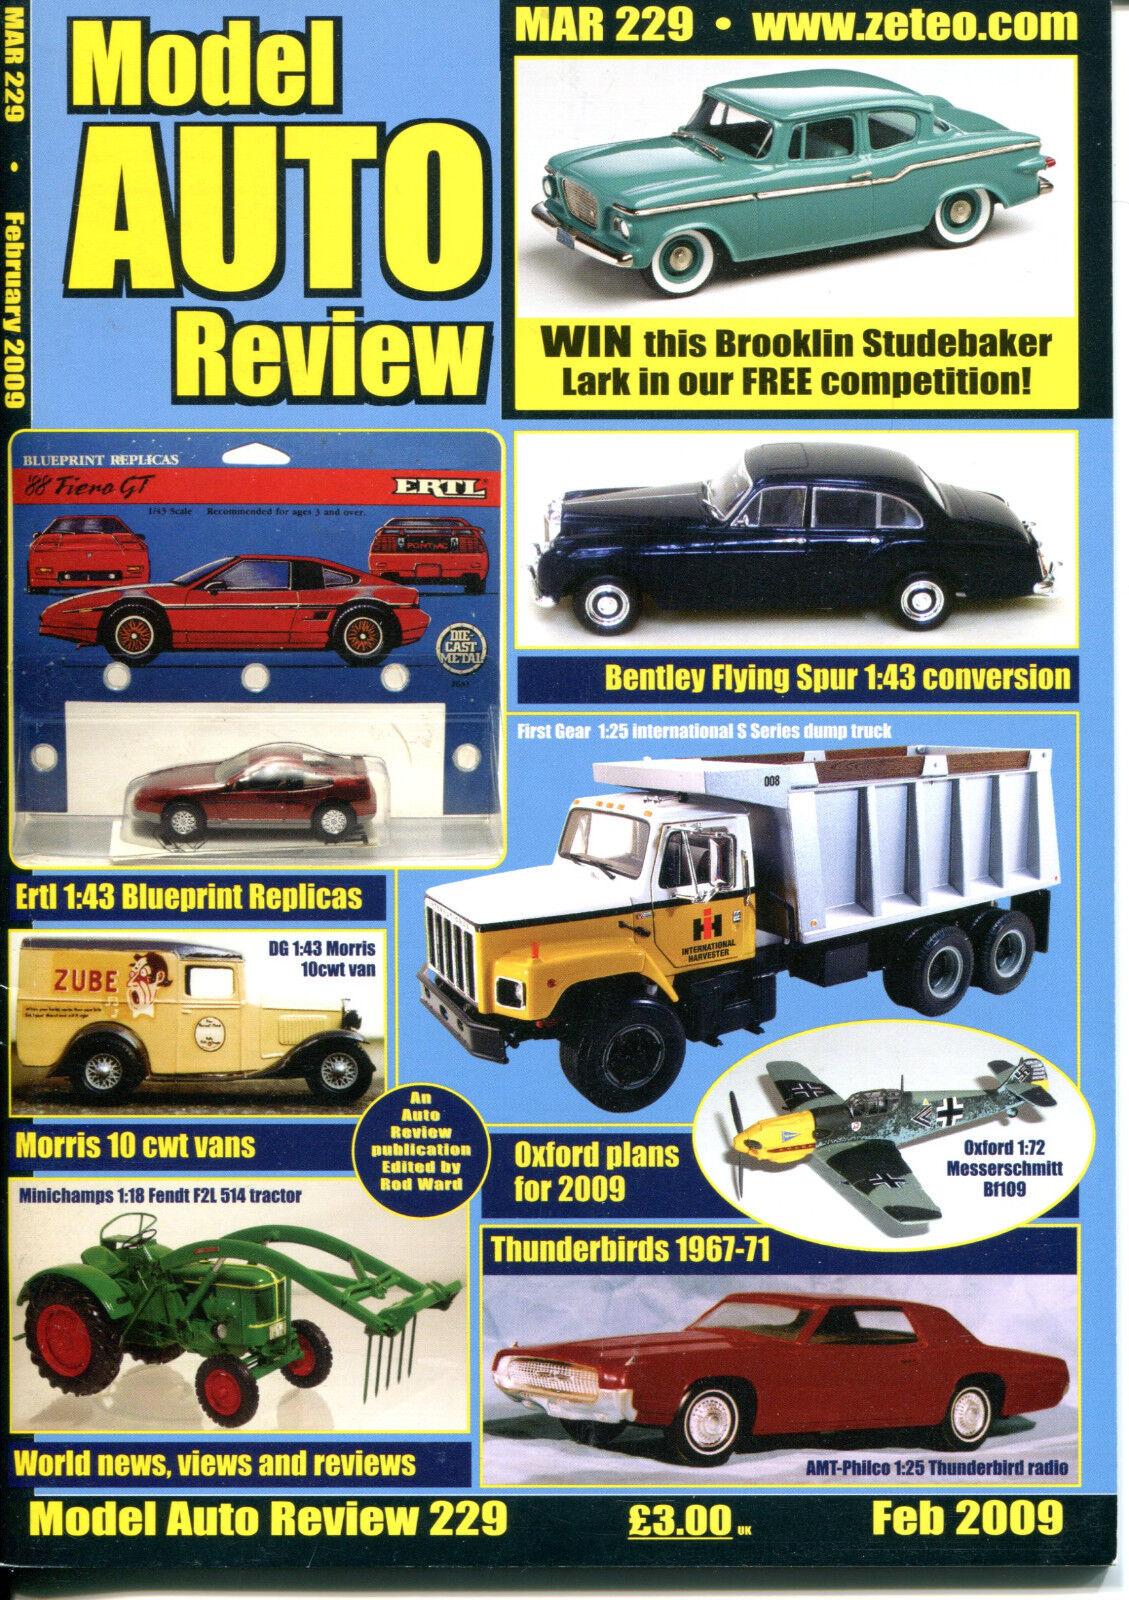 modello  AUTO REVIEW (MAR) Magazine (2009) specialee Bundle Offer - 9 nuovo ISSUES   vendite calde